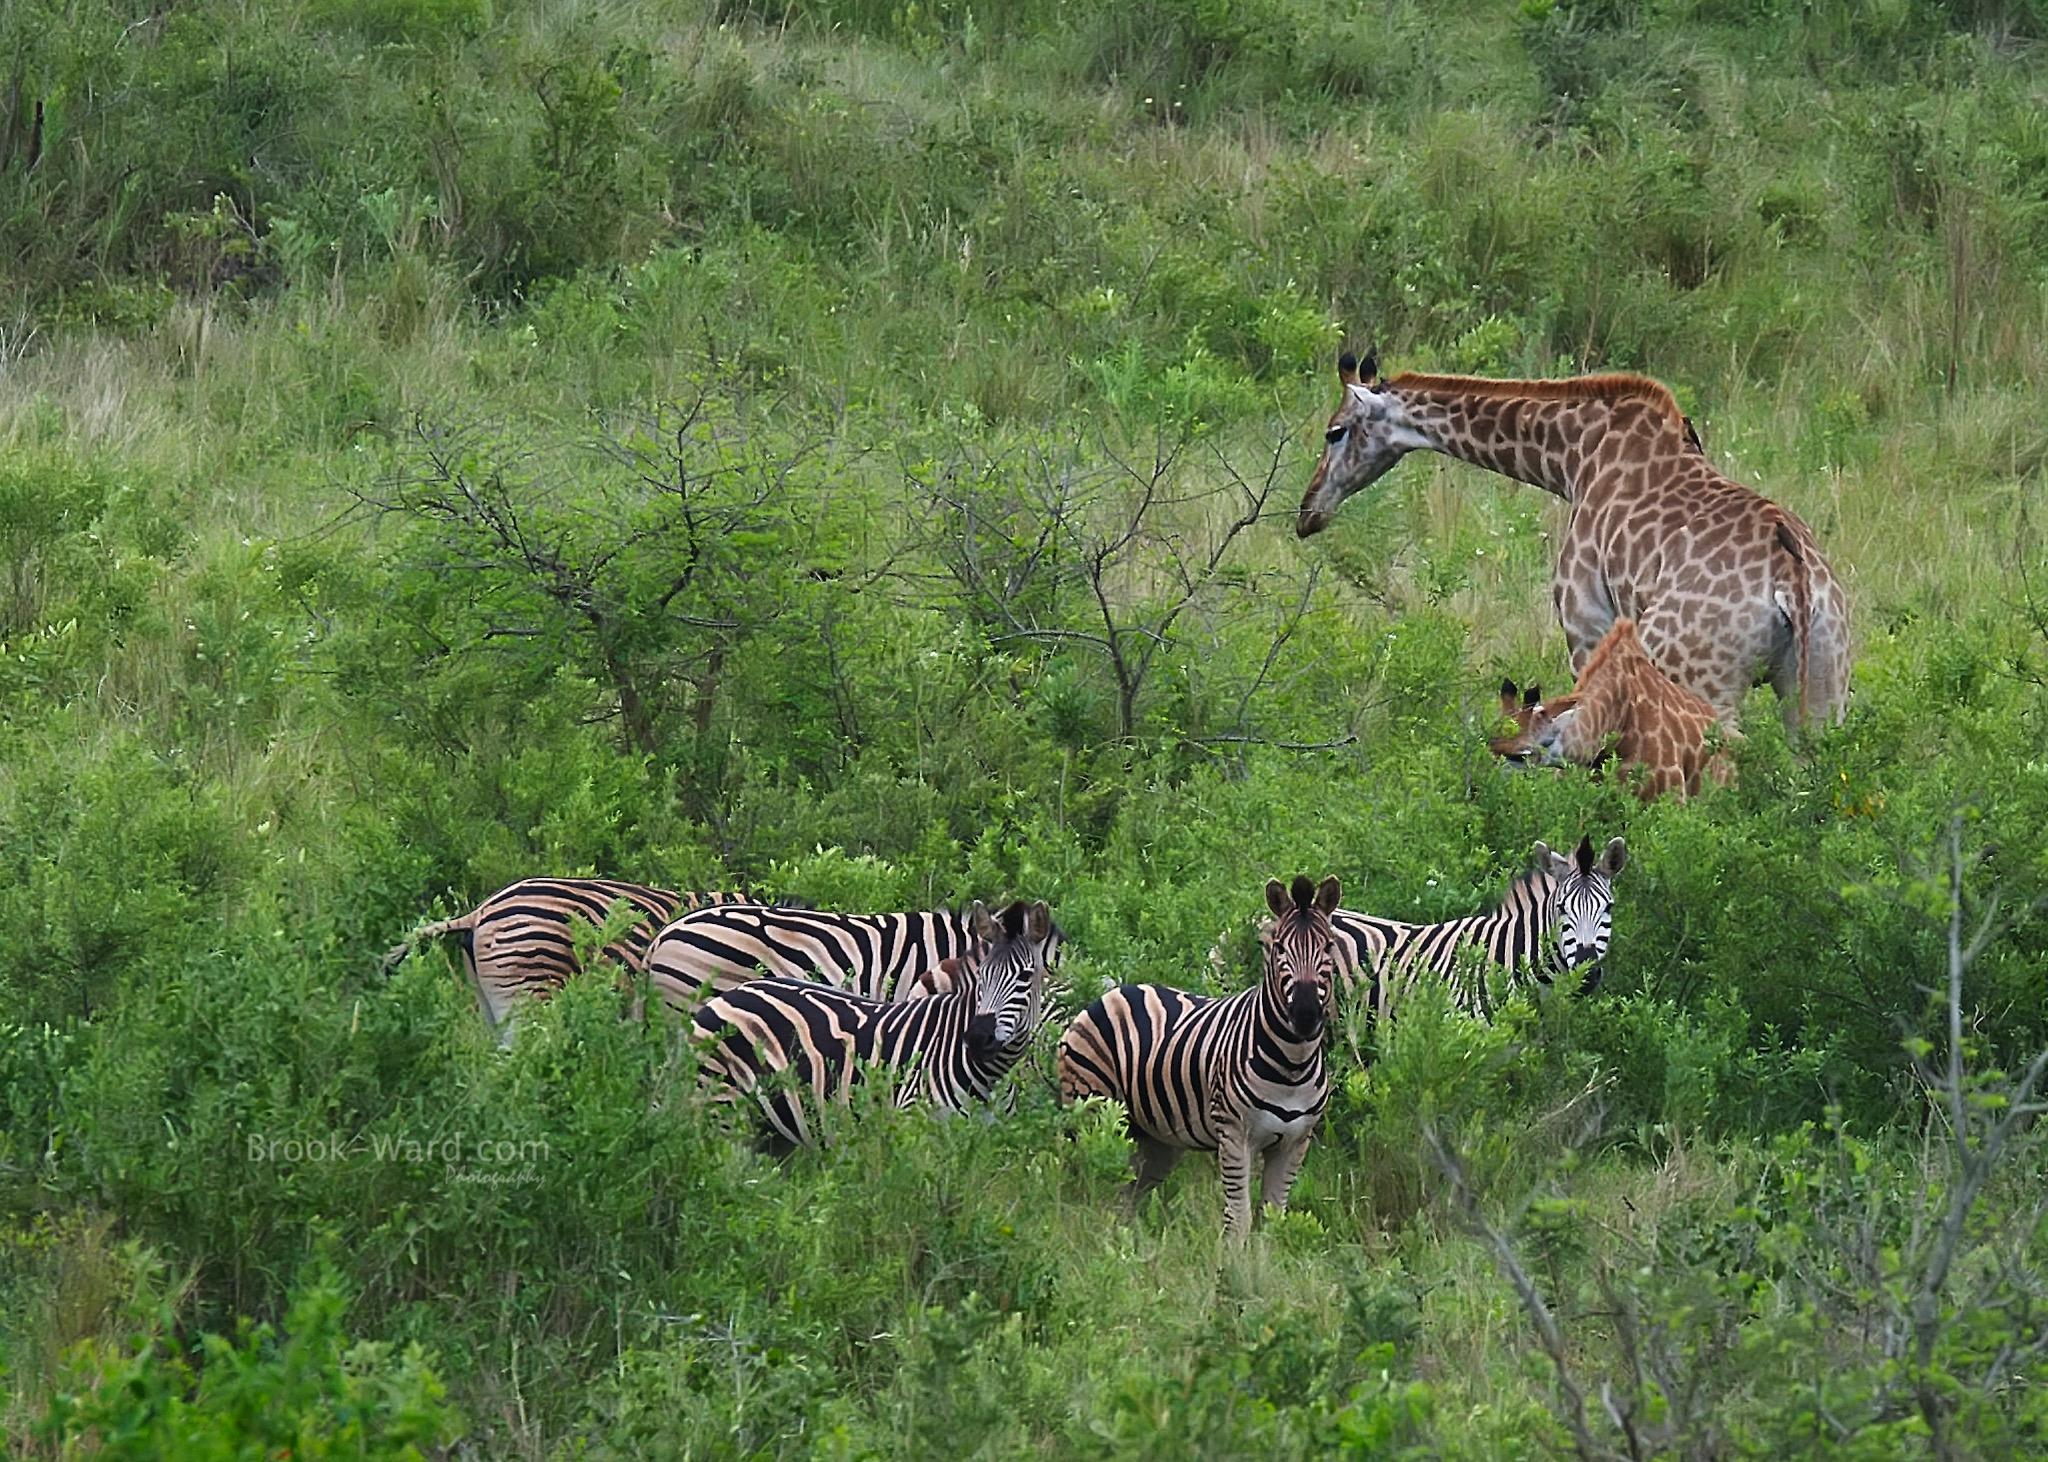 Just Friends - Kruger National Park